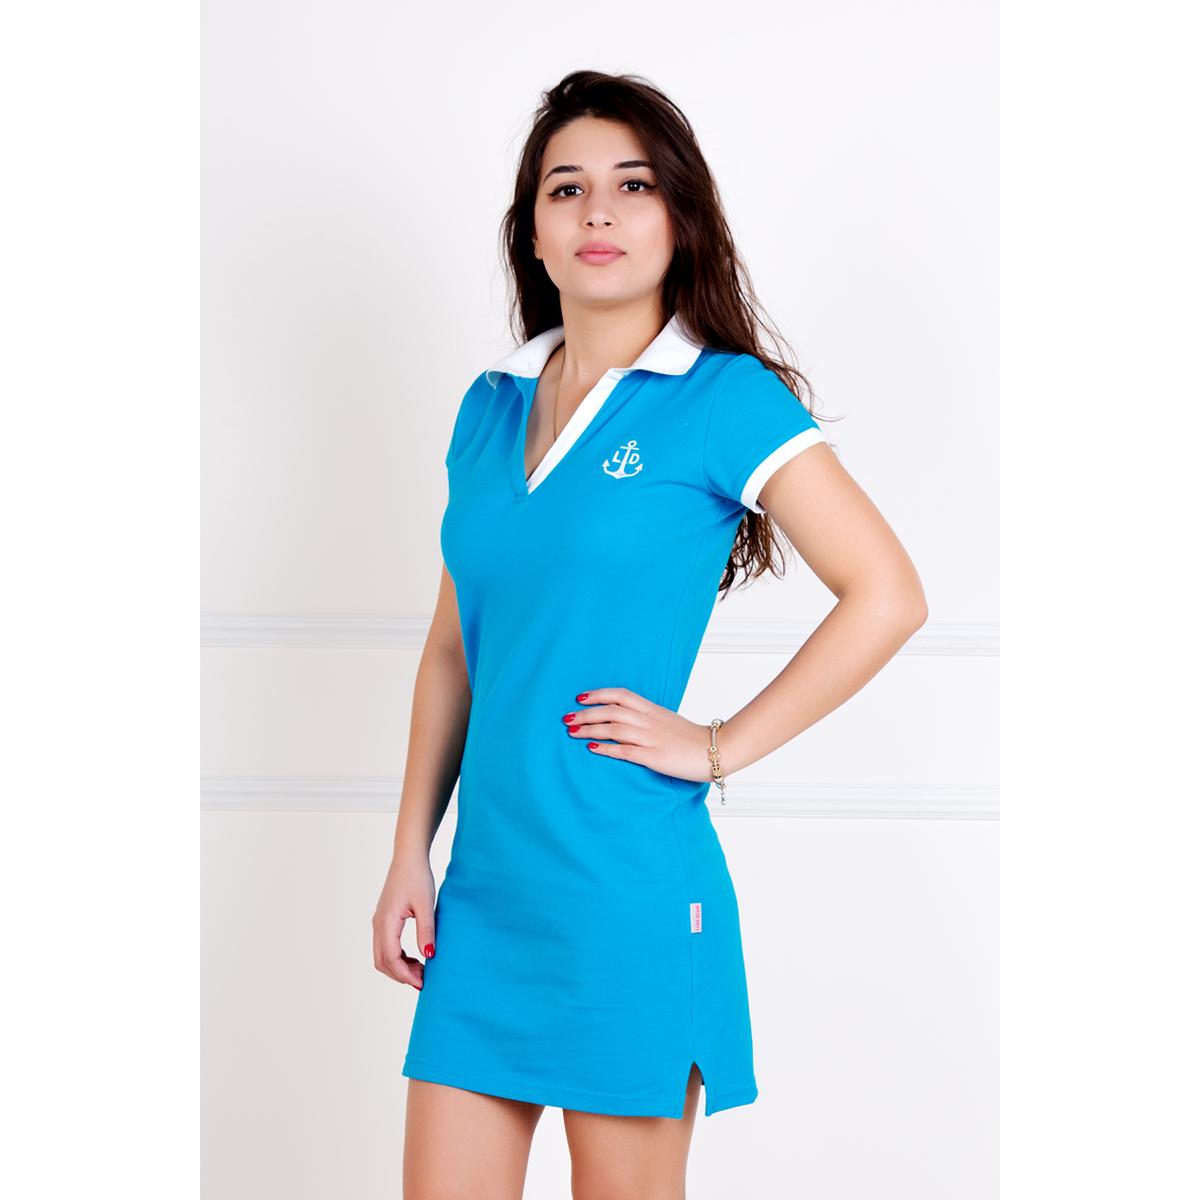 Женское платье Поло Голубой, размер 52Платья<br>Обхват груди:104 см<br>Обхват талии:85 см<br>Обхват бедер:112 см<br>Длина по спинке:99 см<br>Рост:167 см<br><br>Тип: Жен. платье<br>Размер: 52<br>Материал: Пике